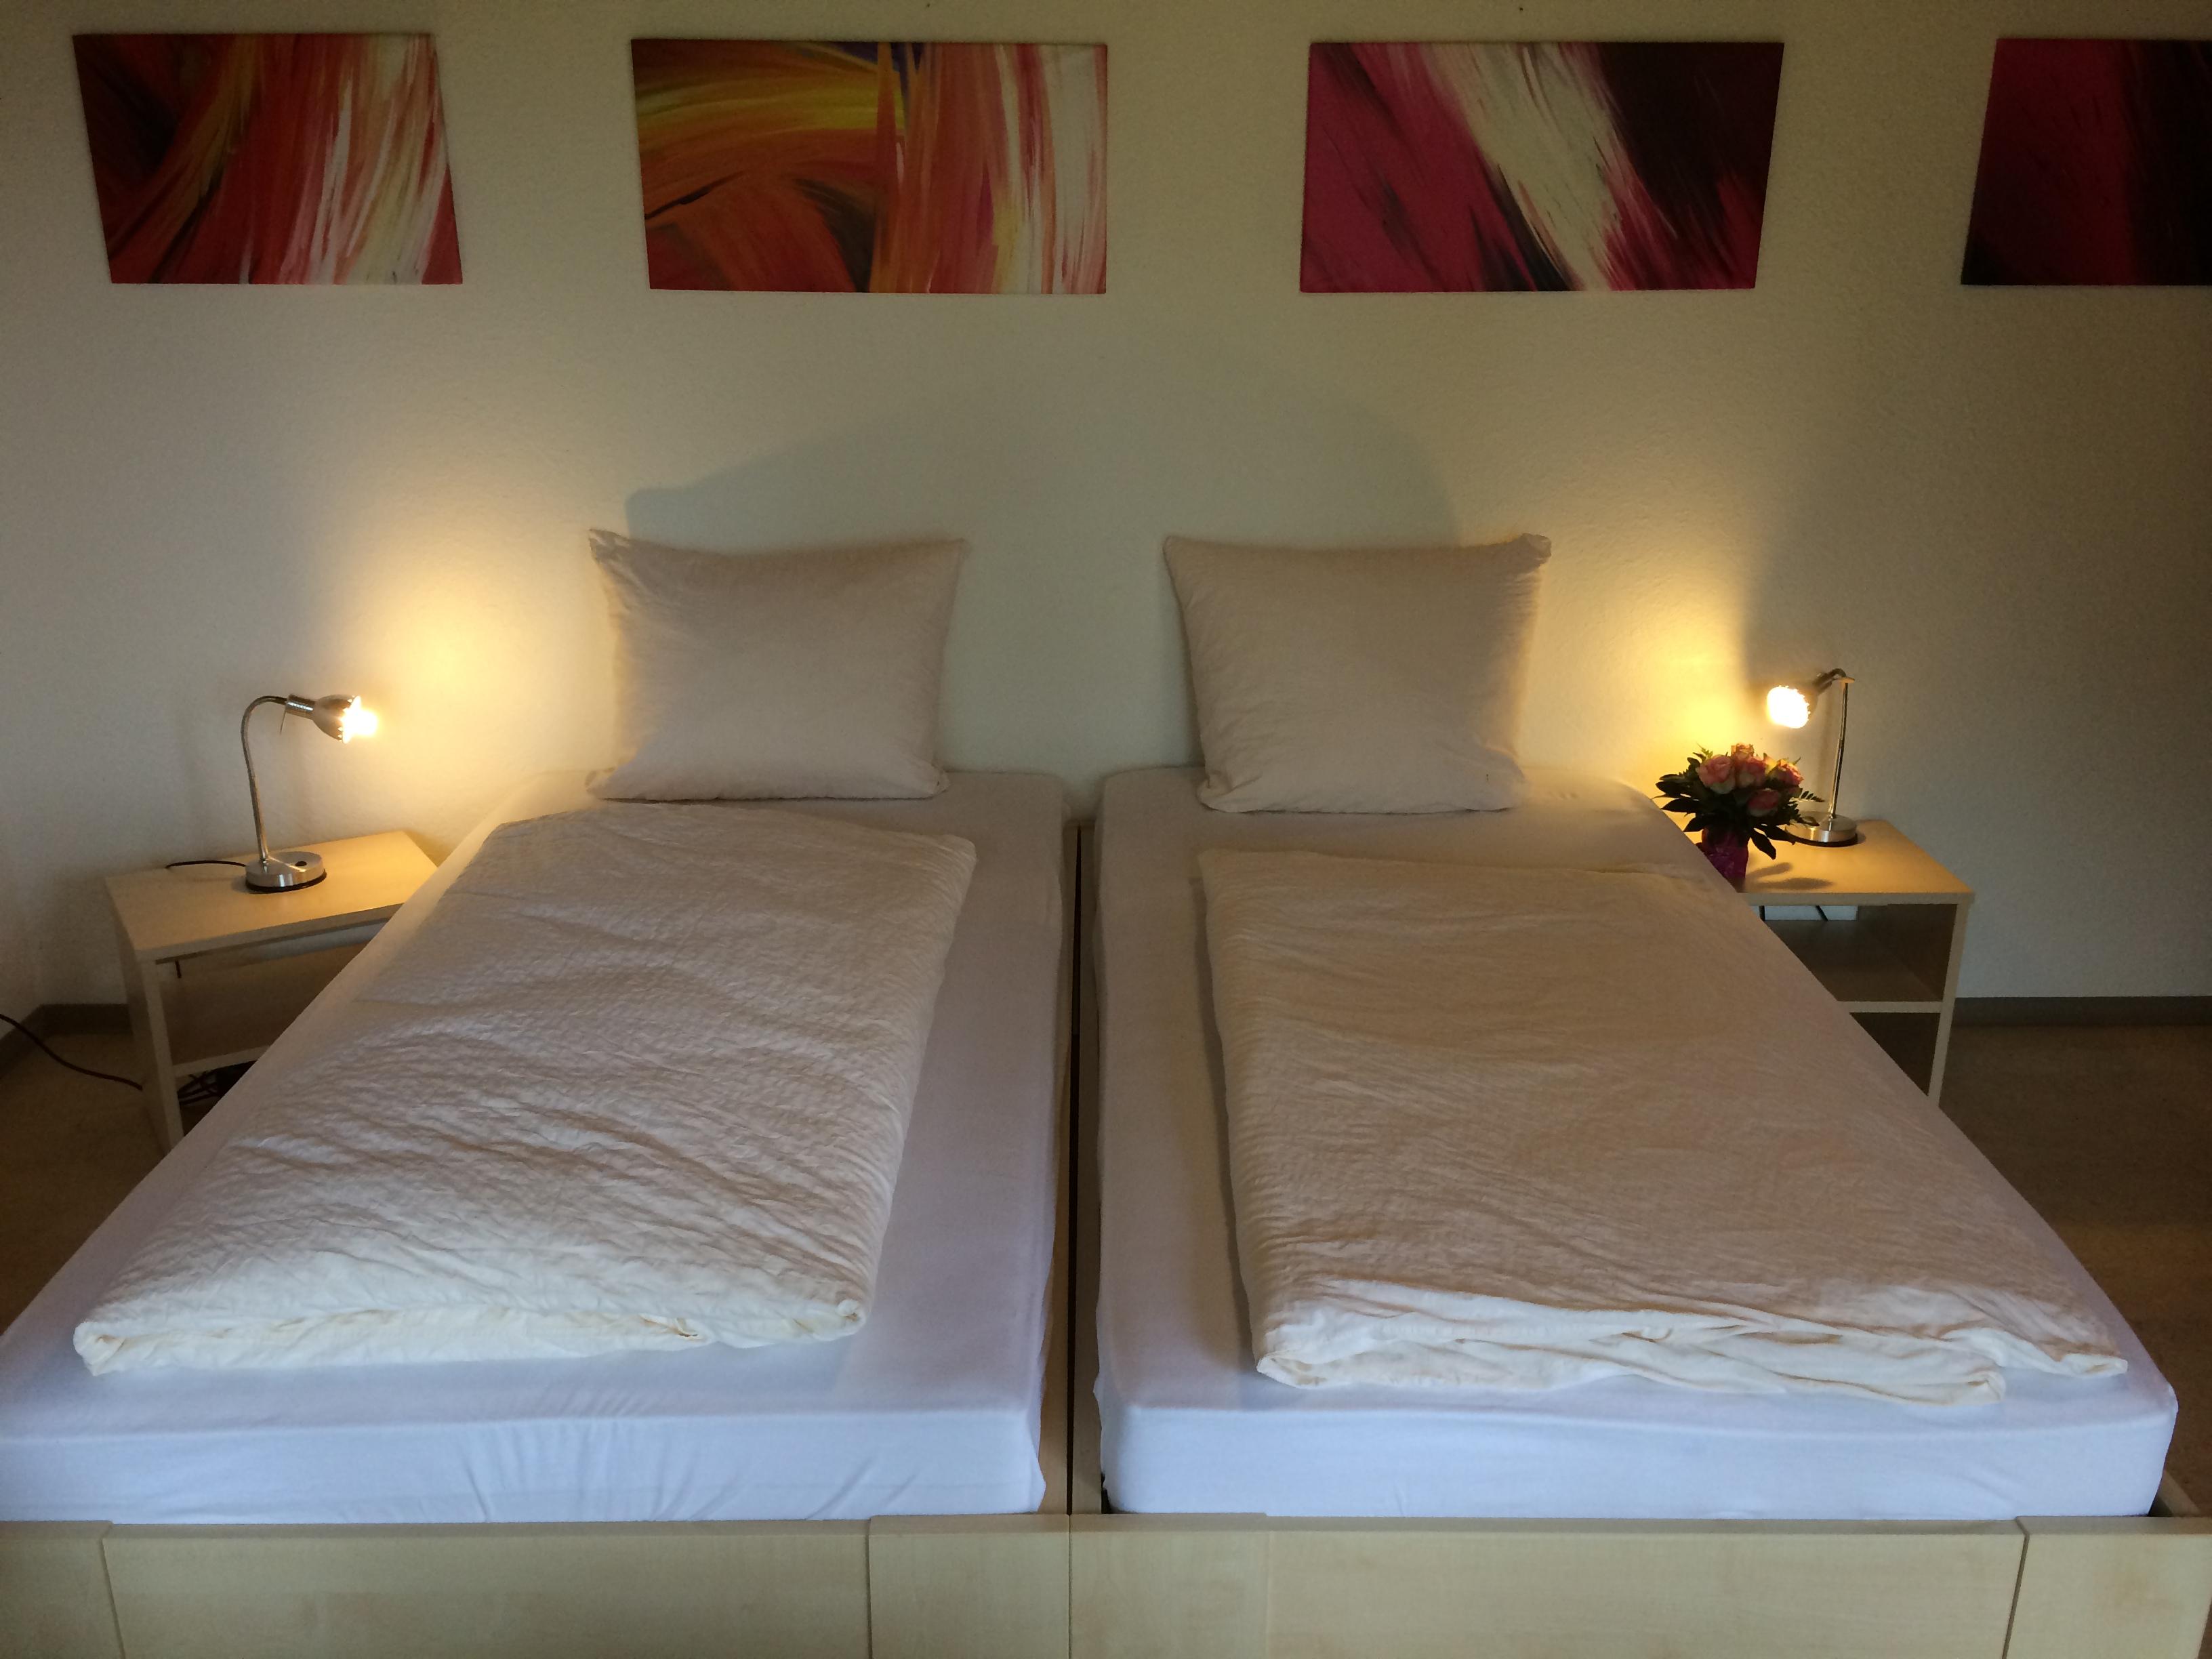 Hotel Pension Lippstadt Bad Waldliesborn Haus Stallmeister 12 Doppelbett IIII